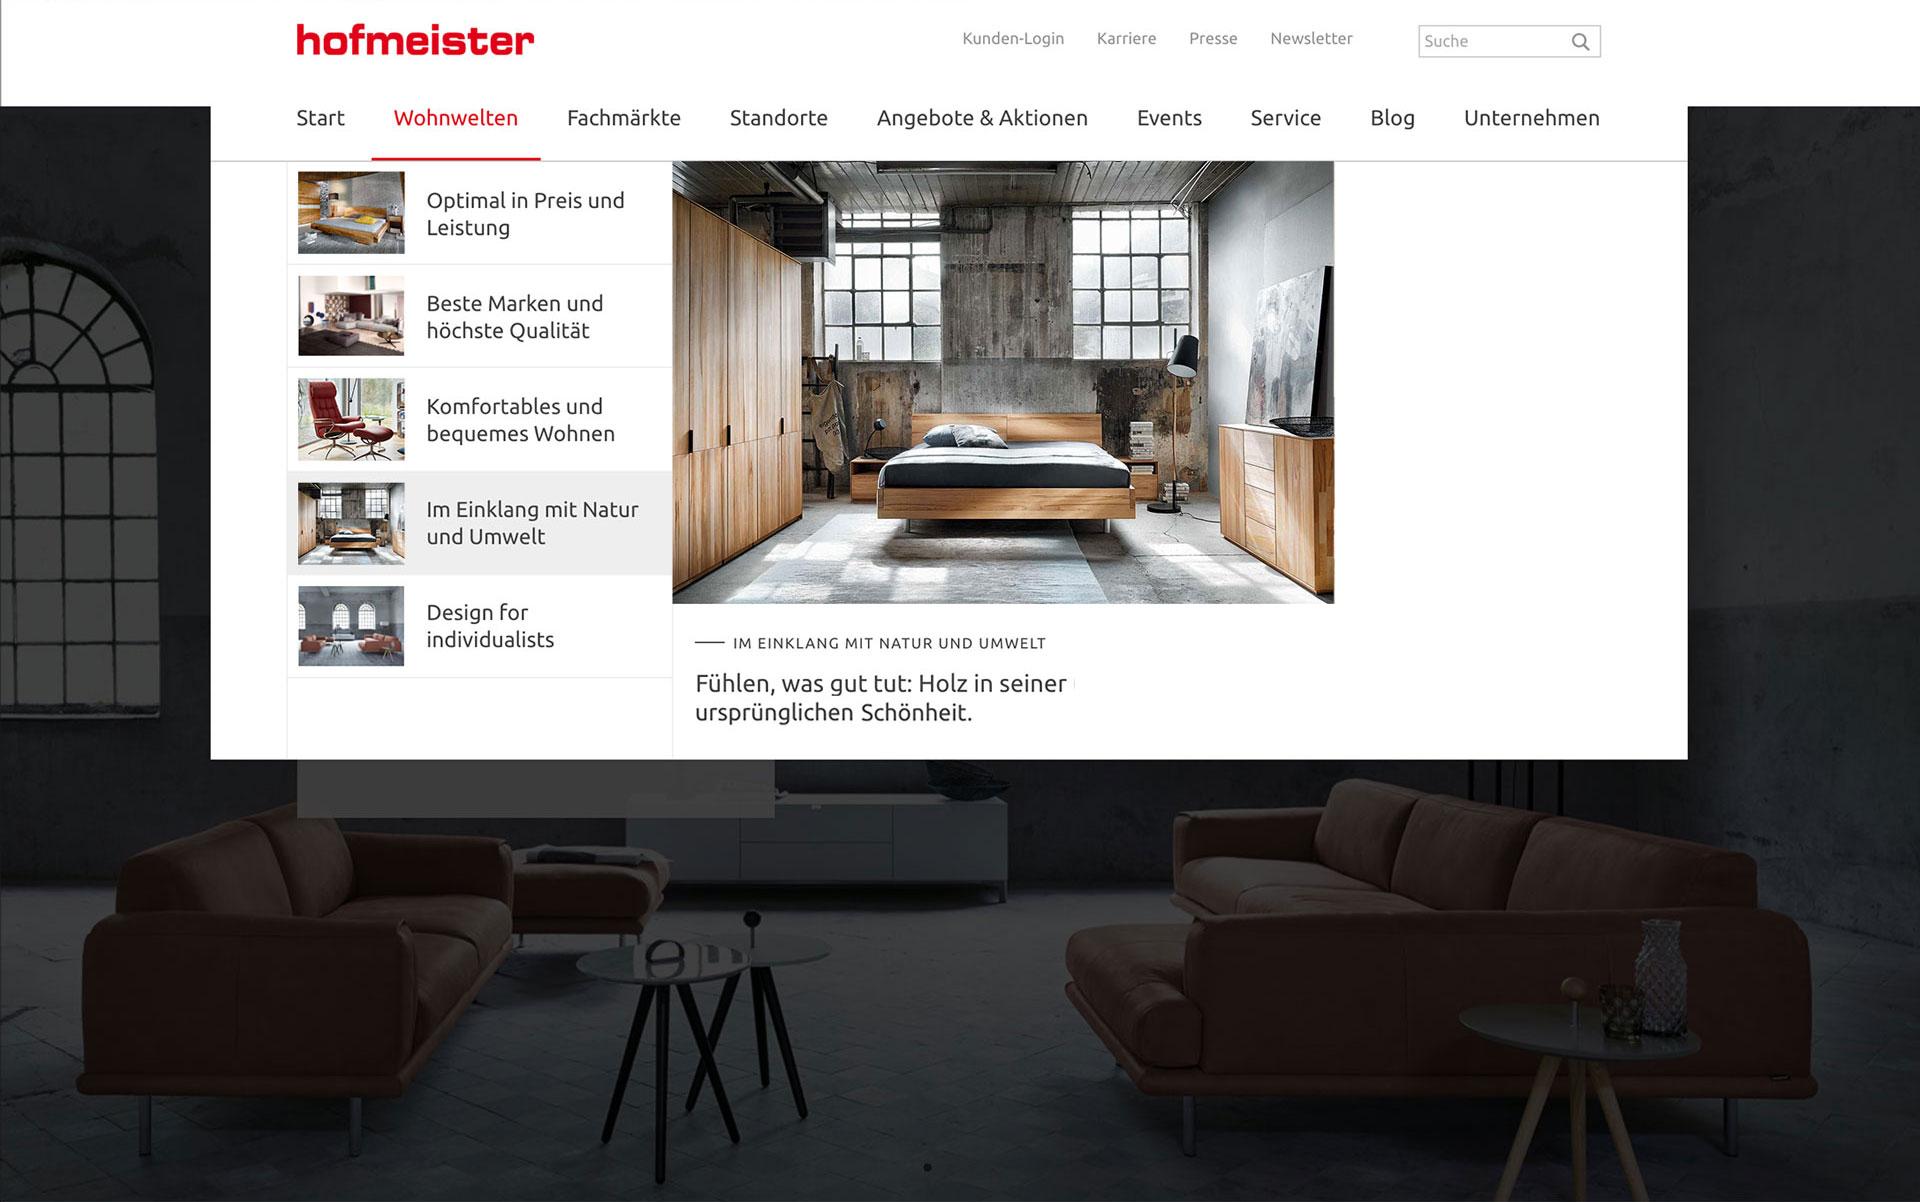 Projekt Hofmeister